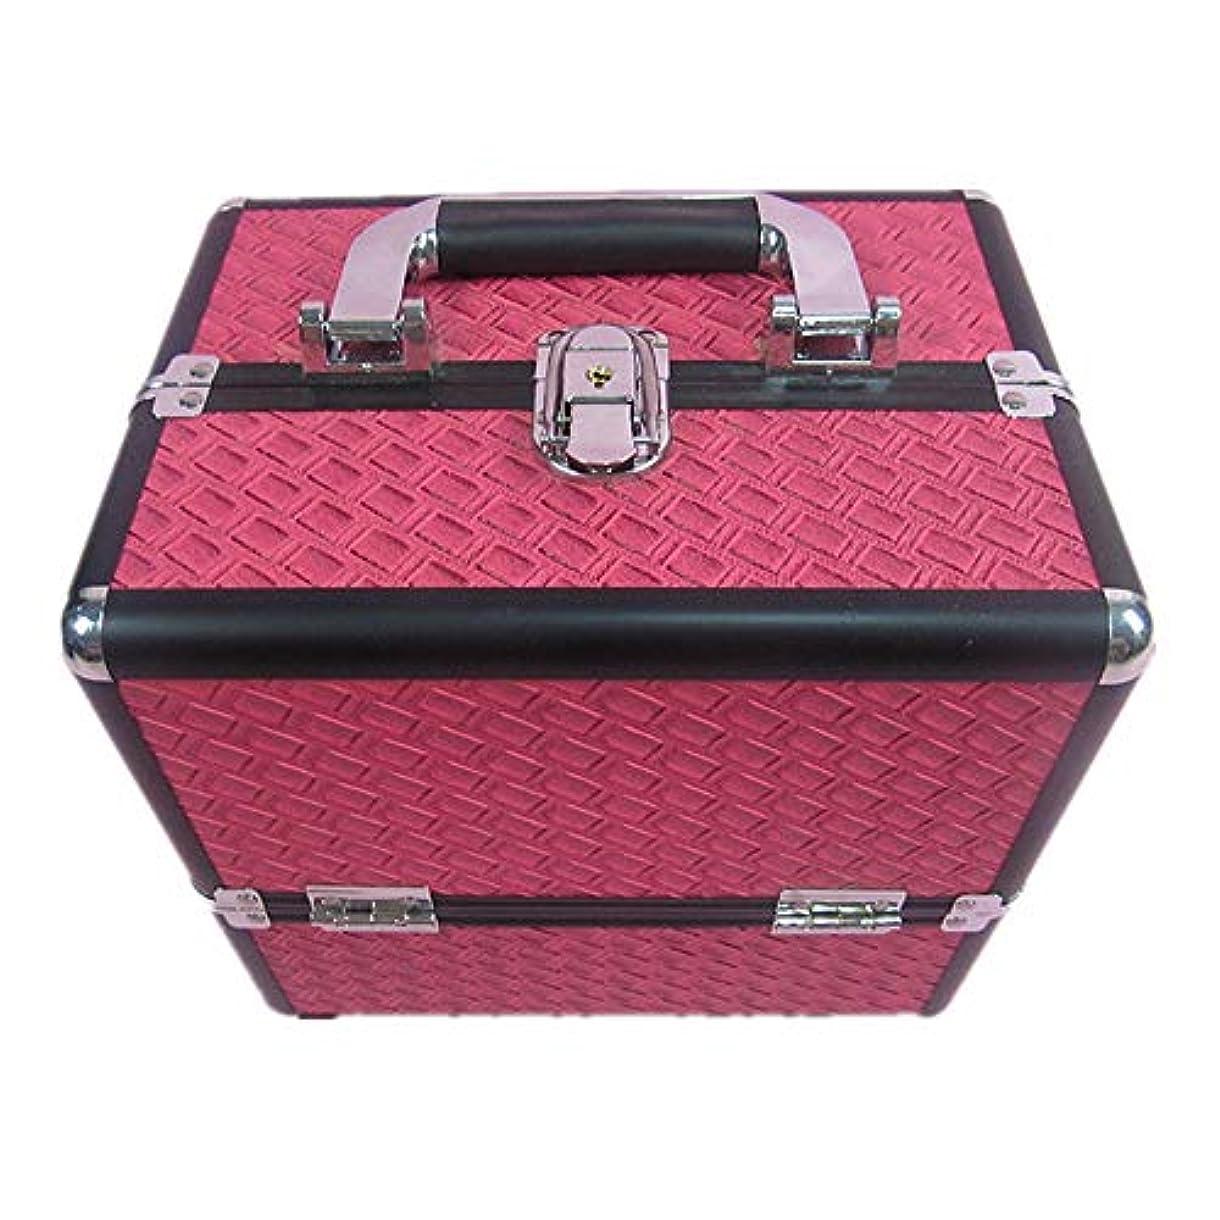 ベッツィトロットウッドリング区化粧オーガナイザーバッグ 大容量ポータブル化粧ケース(トラベルアクセサリー用)シャンプーボディウォッシュパーソナルアイテム収納トレイ(エクステンショントレイ付) 化粧品ケース